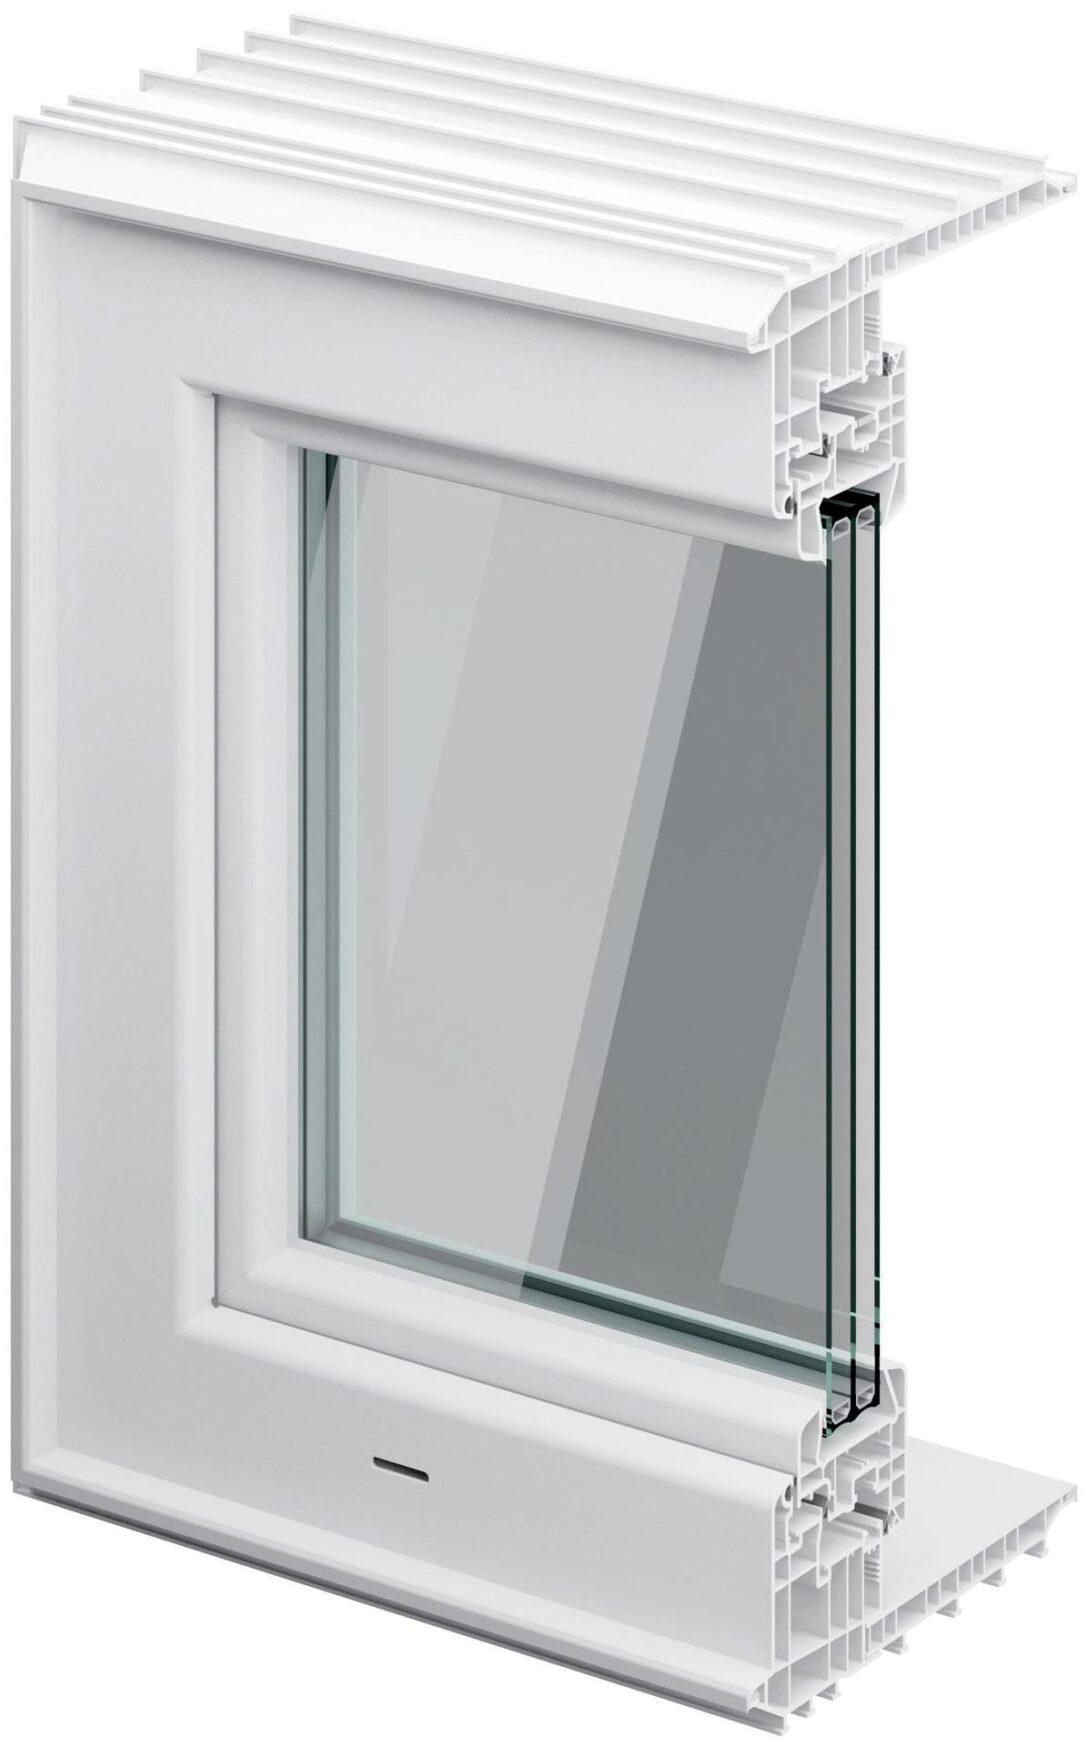 Large Size of Aco Kellerfenster Ersatzteile Therm Fenster Einbruchschutz Preisliste Einsatz 2019 Einstellen Velux Wohnzimmer Aco Kellerfenster Ersatzteile